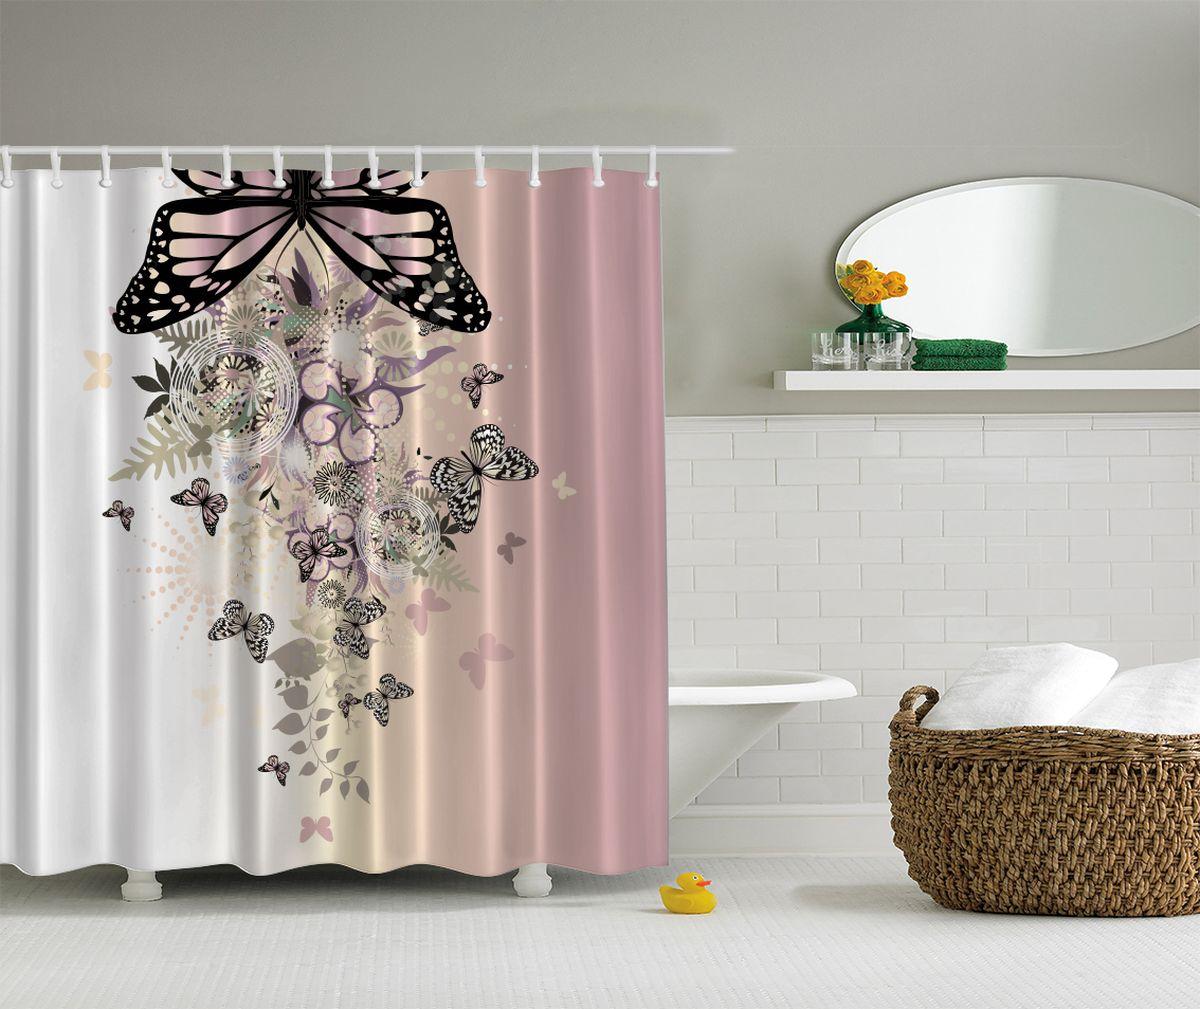 Штора для ванной комнаты Magic Lady Стая бабочек, 180 х 200 смшв_14825Штора для ванной комнаты Magic Lady Стая бабочек выполнена из высококачественного сатена (полиэстер 100%). При изготовлении используются специальные гипоаллергенные чернила. Оригинальный дизайн и цветовая гамма привлекут к себе внимание. Изделие хорошо пропускает свет и быстро высыхает. Такая штора прекрасно впишется в любой интерьер ванной комнаты и идеально защитит от брызг.